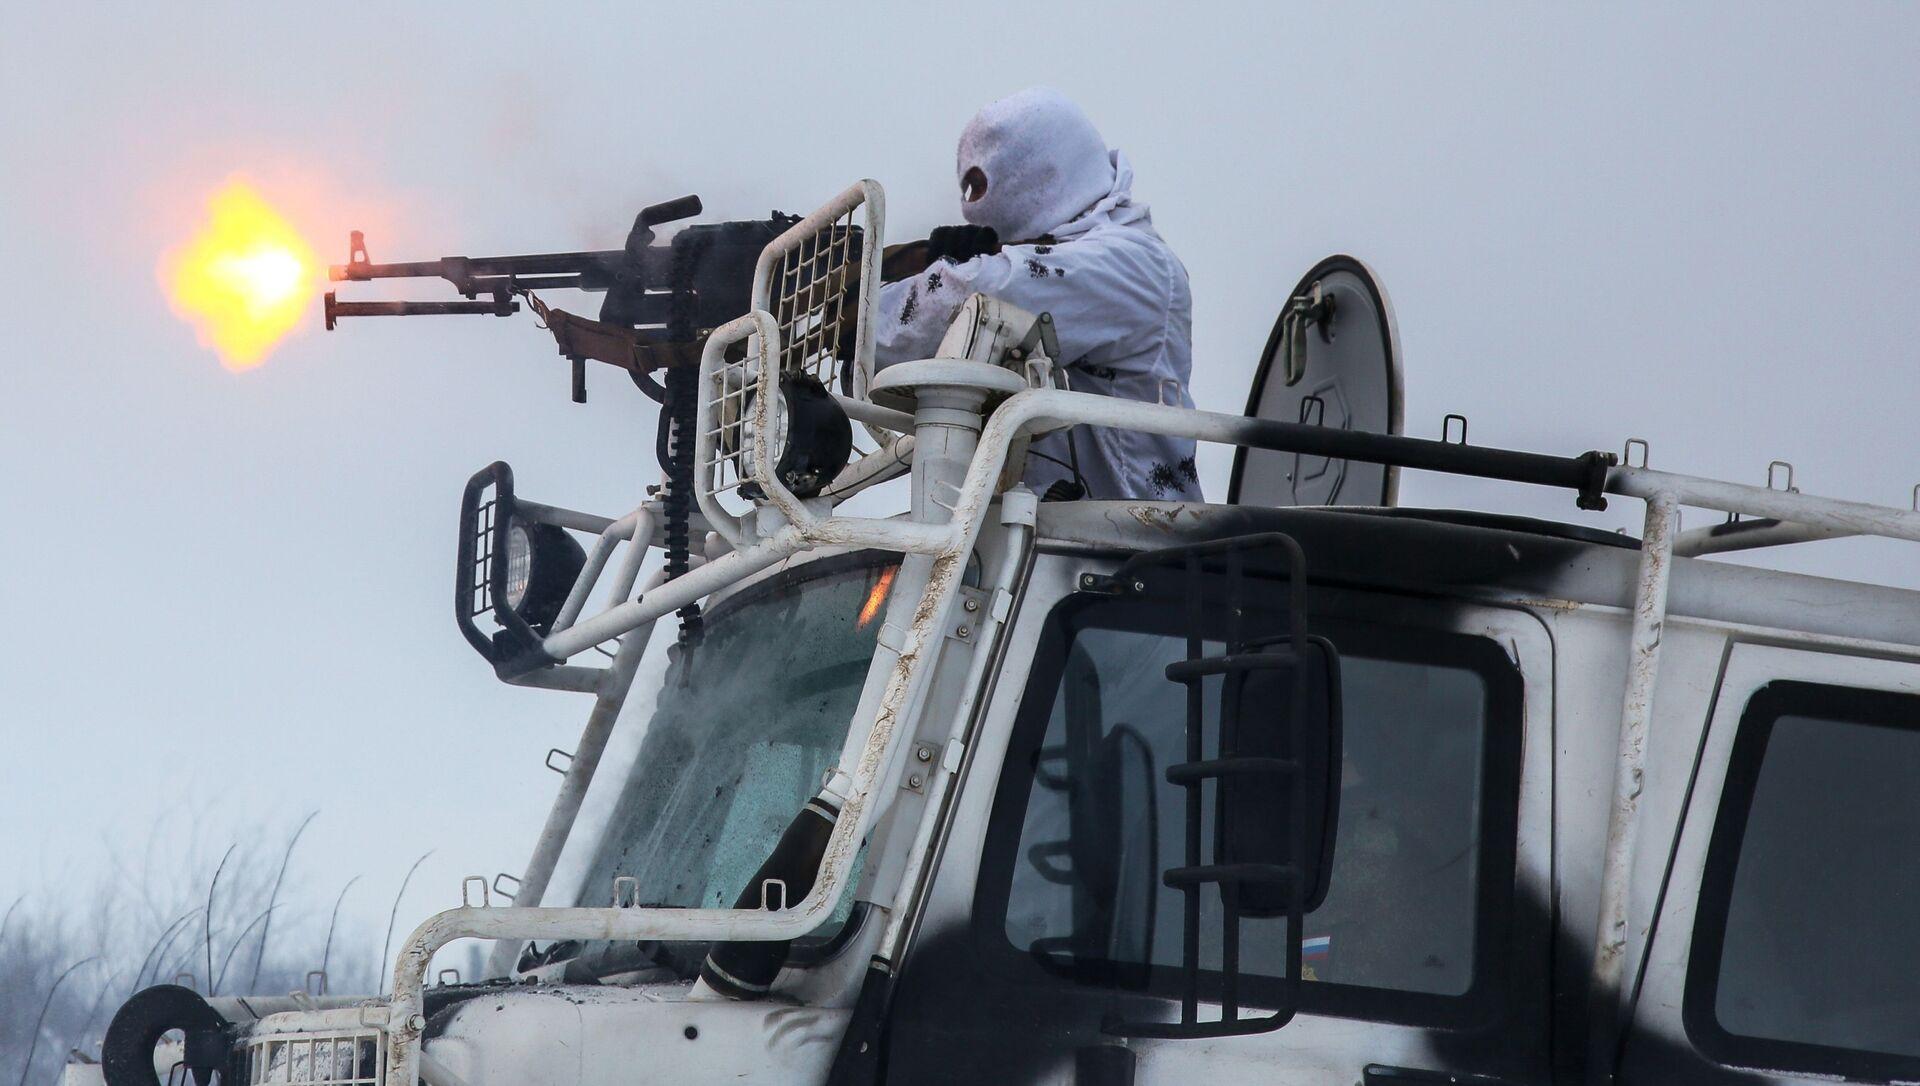 Výcvik na terénních vozidlech Aleut Arctic v Murmanské oblasti. - Sputnik Česká republika, 1920, 14.04.2021